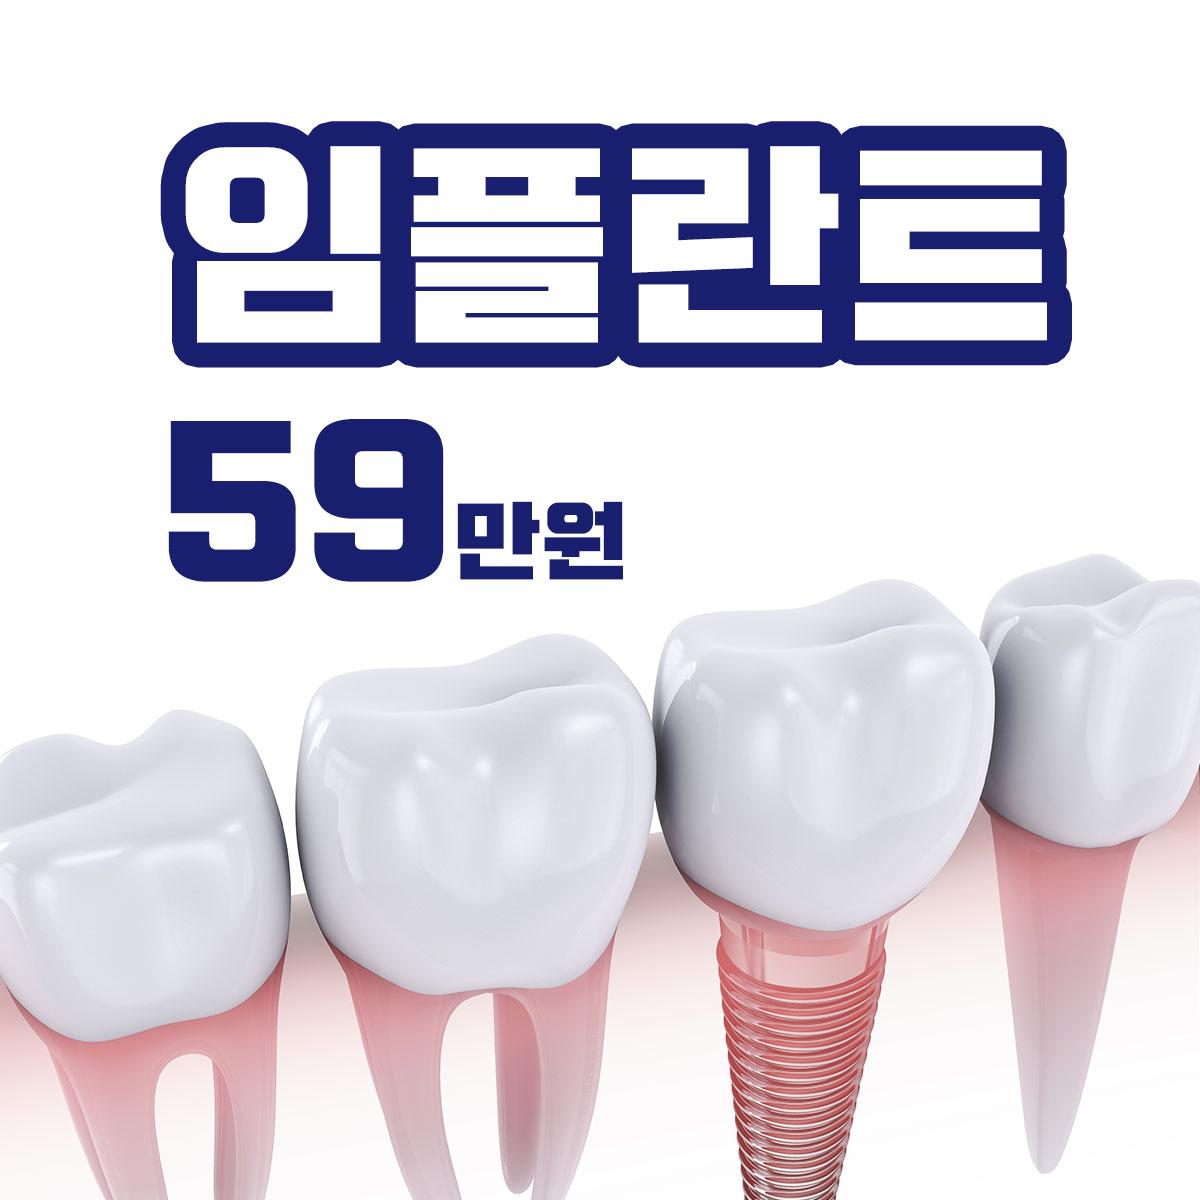 C502cd45b35ec7d991d58cd3465bc39d